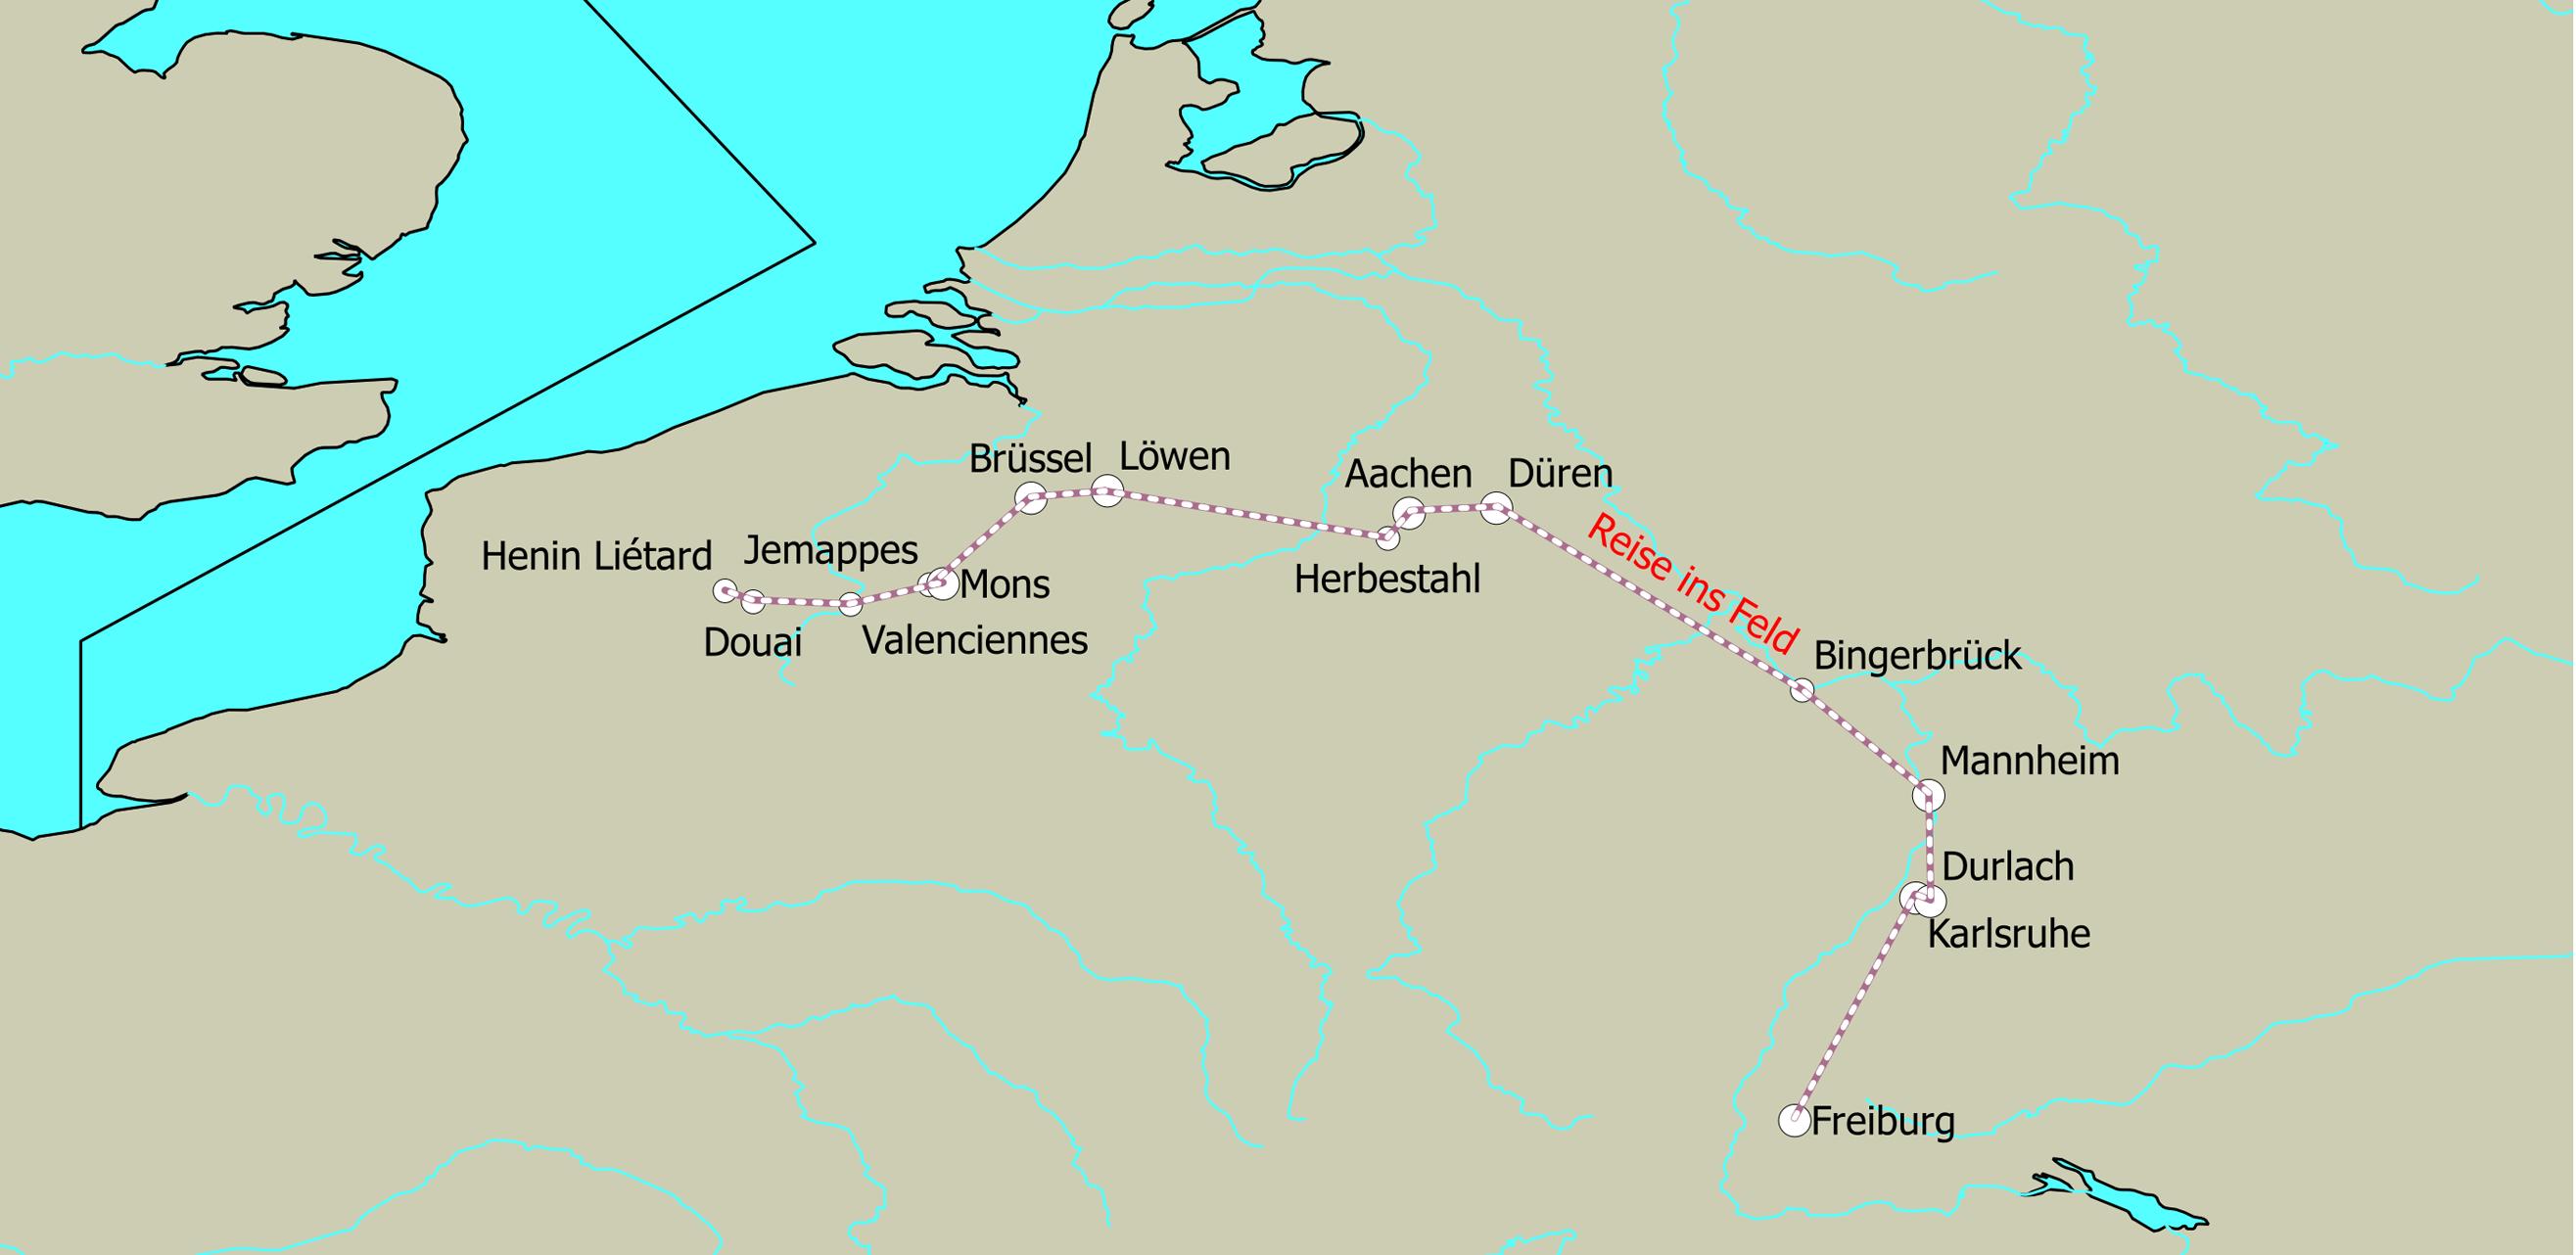 Fahrt ins Feld. Markiert sind die einzelnen Stationen der fahrt und der ungefähre Verlauf der Route (entspricht nicht den tatsächlichen historischen Bahnlinien).